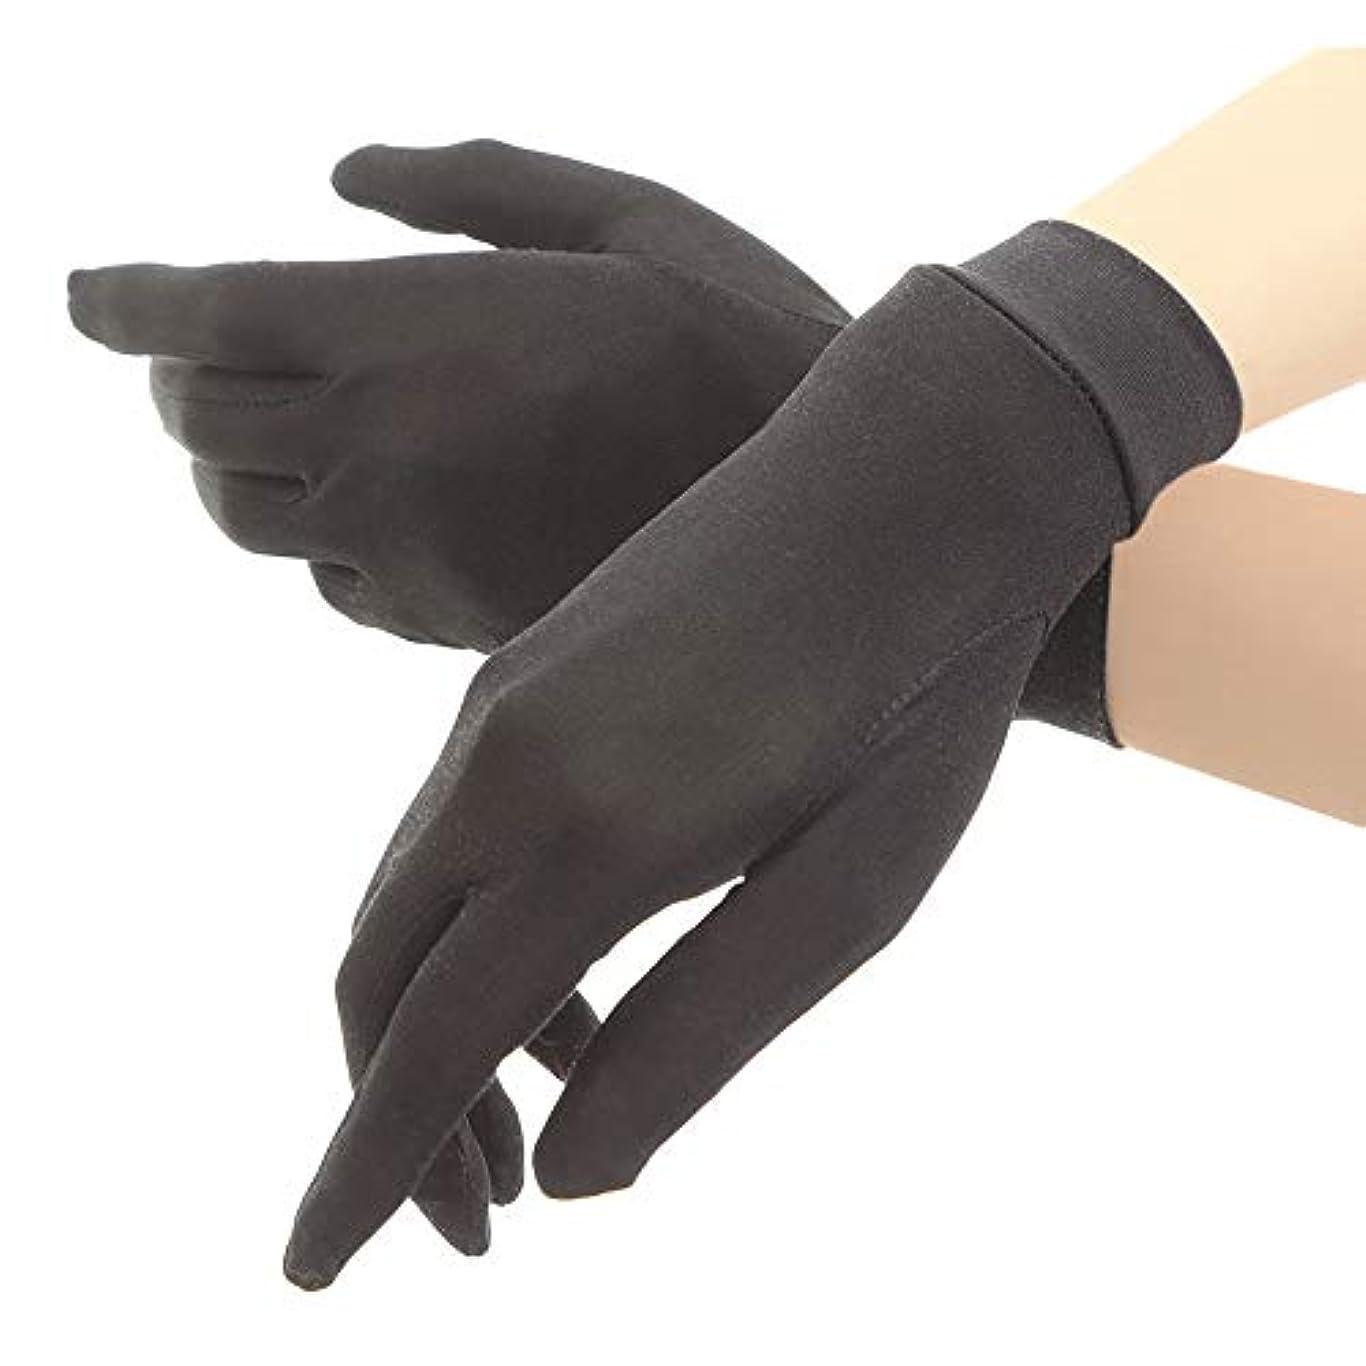 部門表面支配的シルク手袋 レディース 手袋 シルク 絹 ハンド ケア 保湿 紫外線 肌荒れ 乾燥 サイズアップで手指にマッチ 【macch】